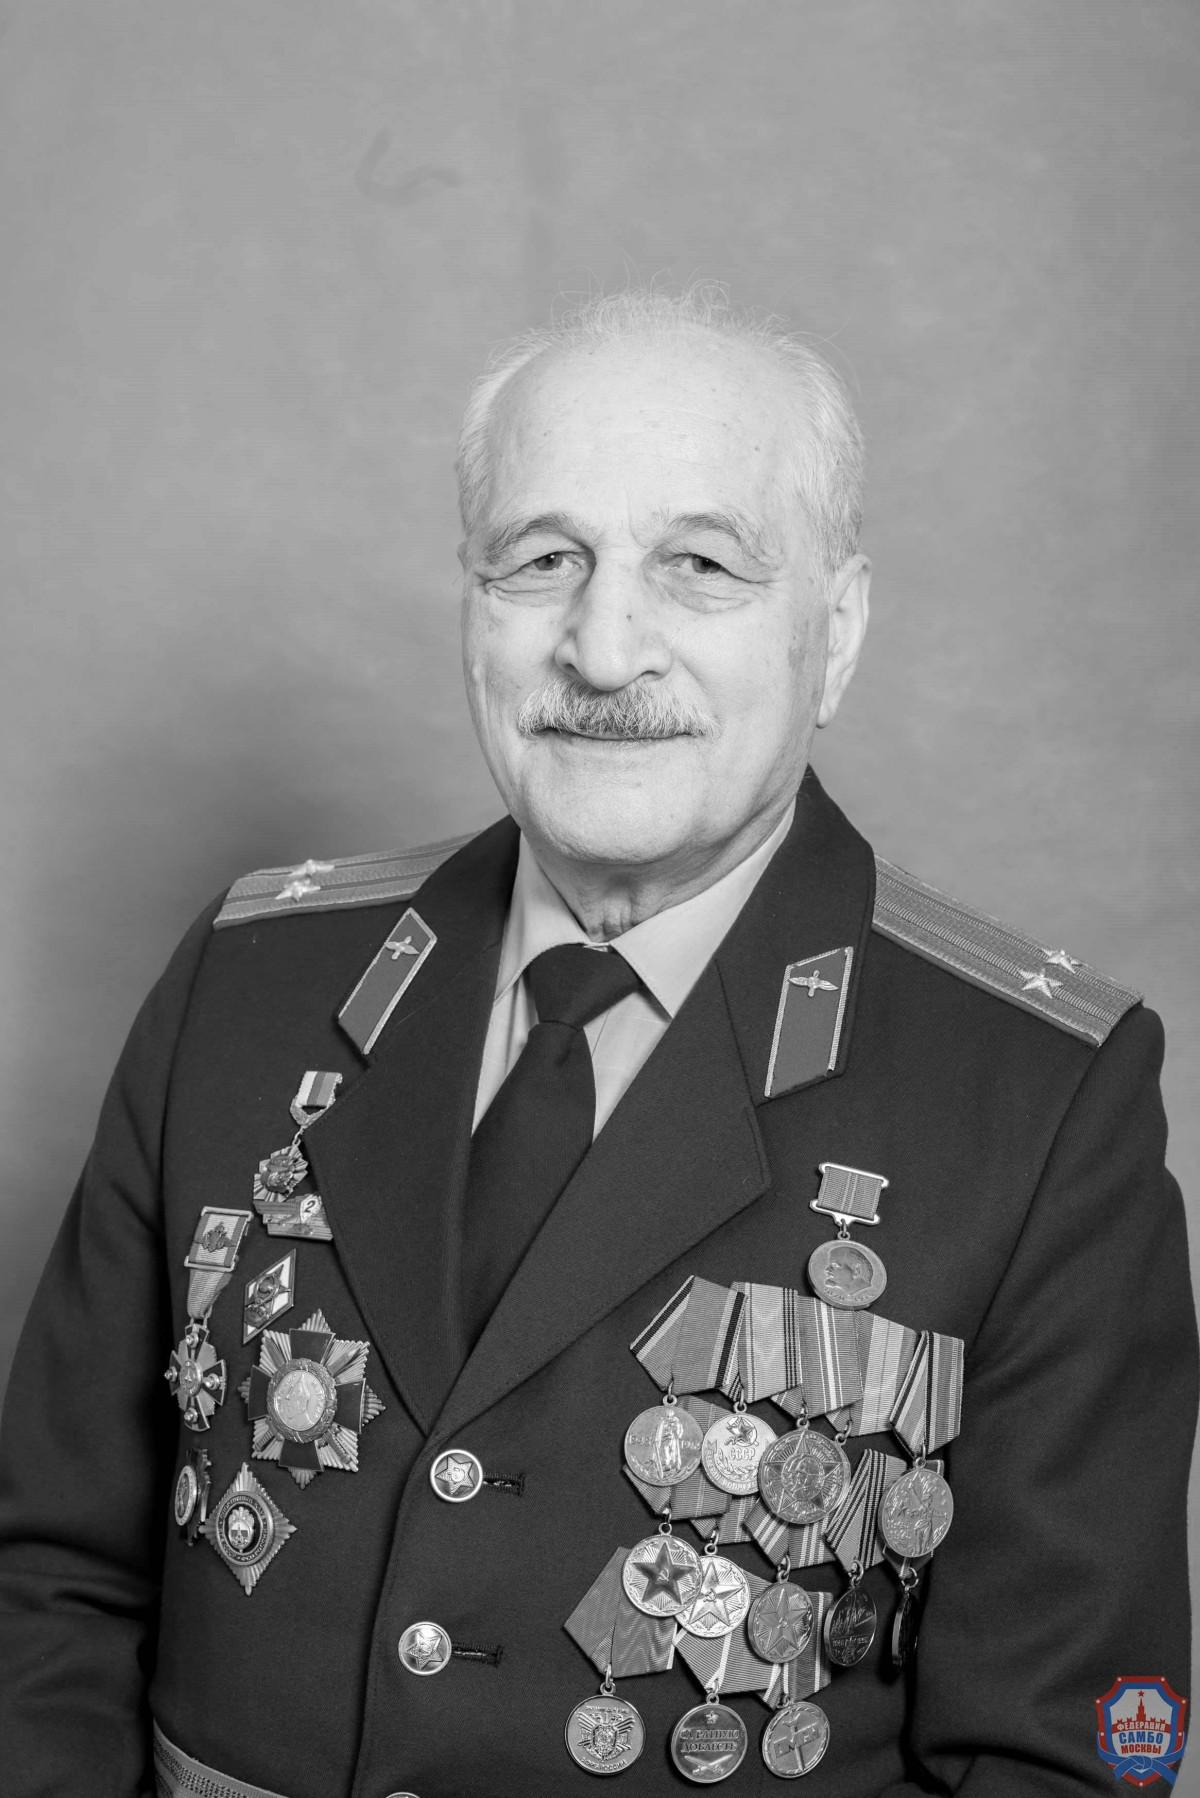 Соболезнования в связи со смертью Владимира Самсоновича Степанова